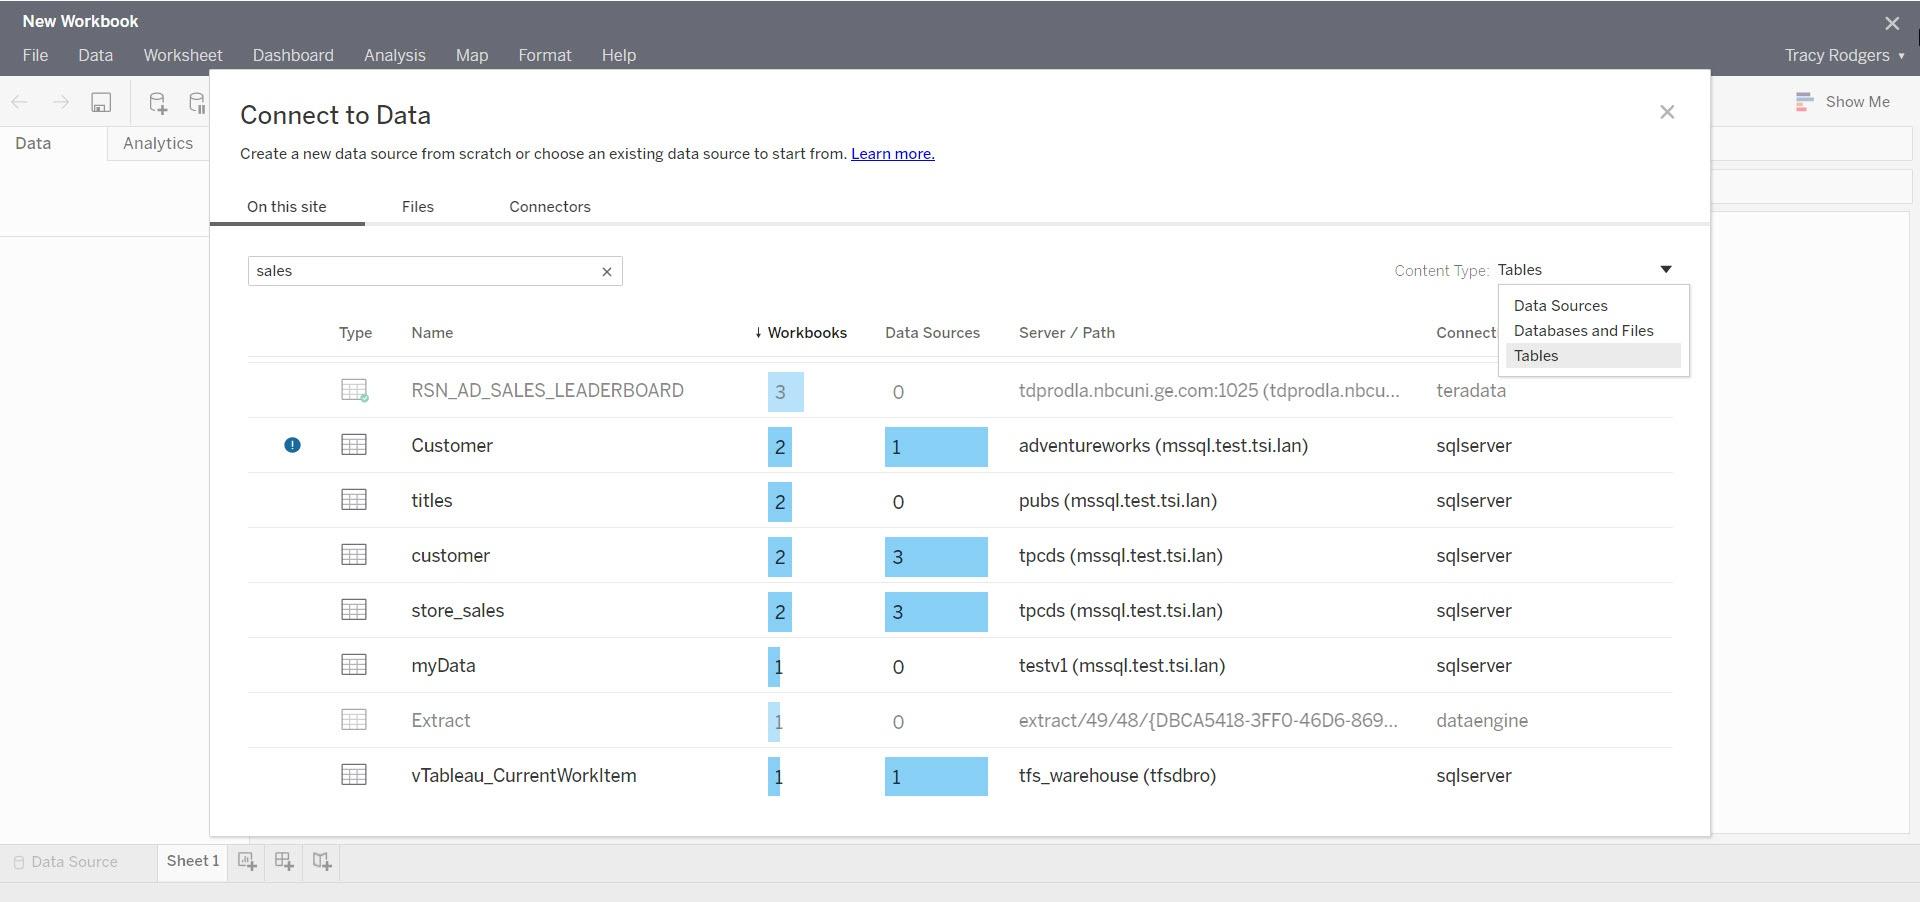 Tableau Catalog hilft Anwendern Datenquellen einfacher finden und verstehen, was die Daten darstellen. (Quelle: Tableau)